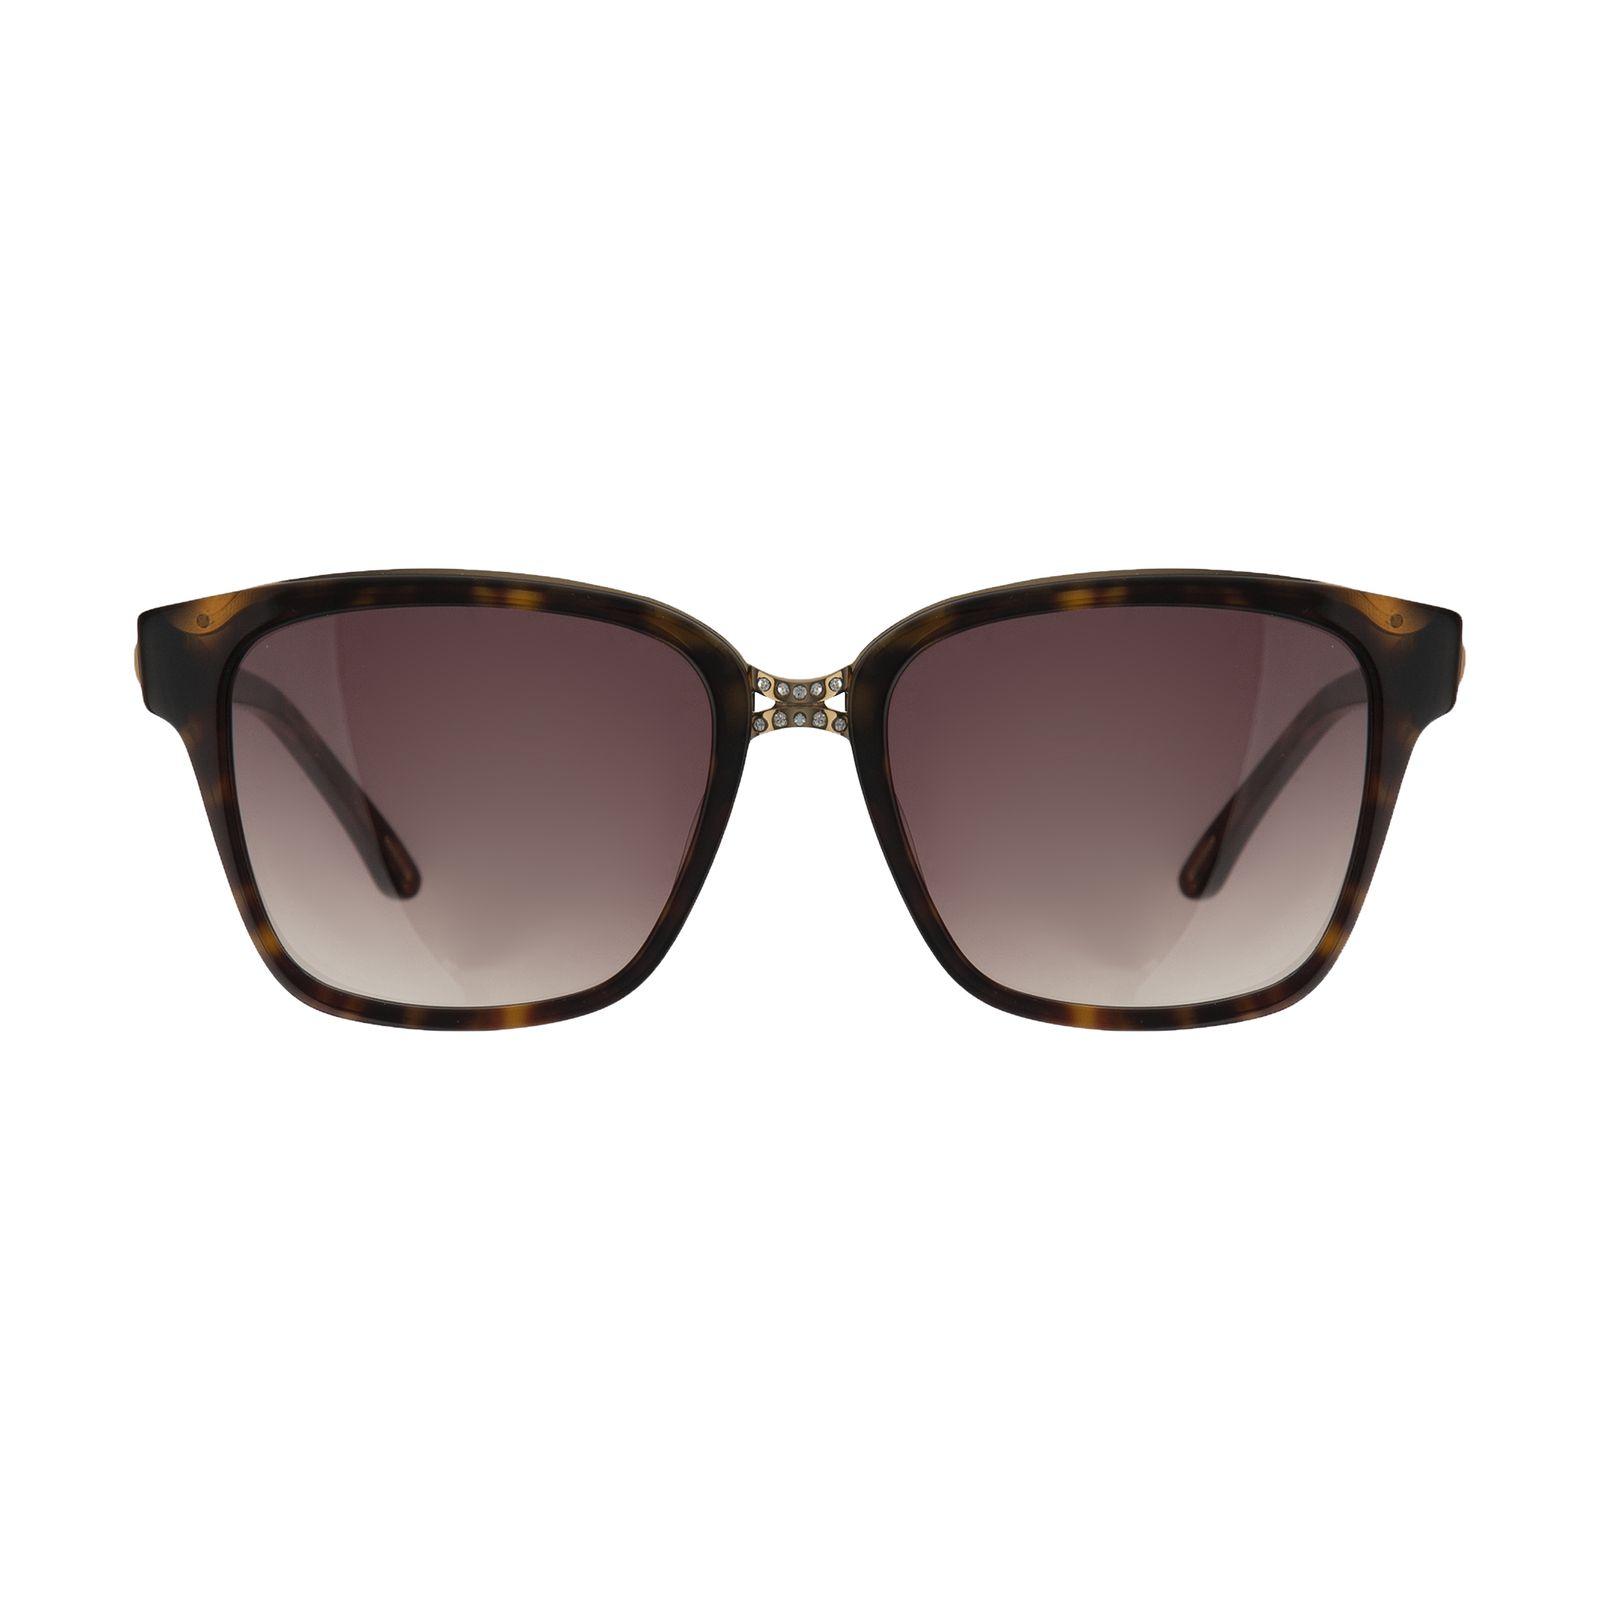 عینک آفتابی زنانه شوپارد مدل 128s -  - 2